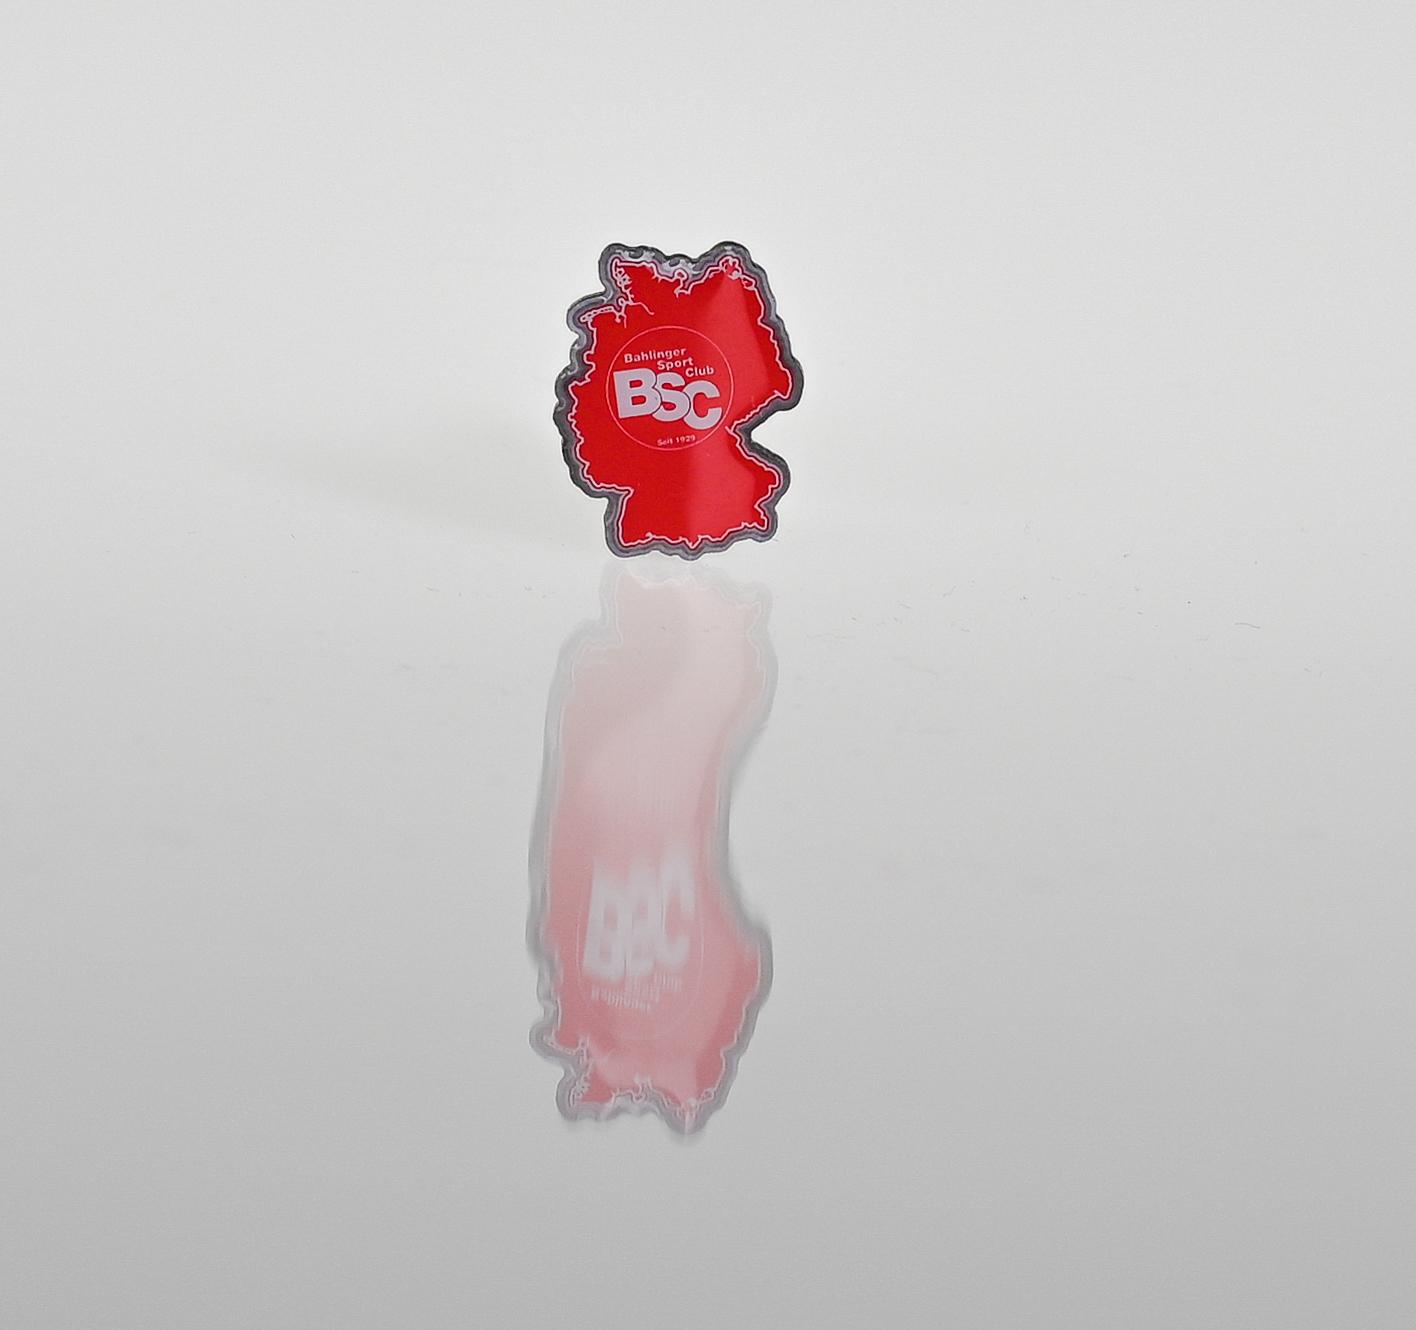 Pin Bahlinger SC